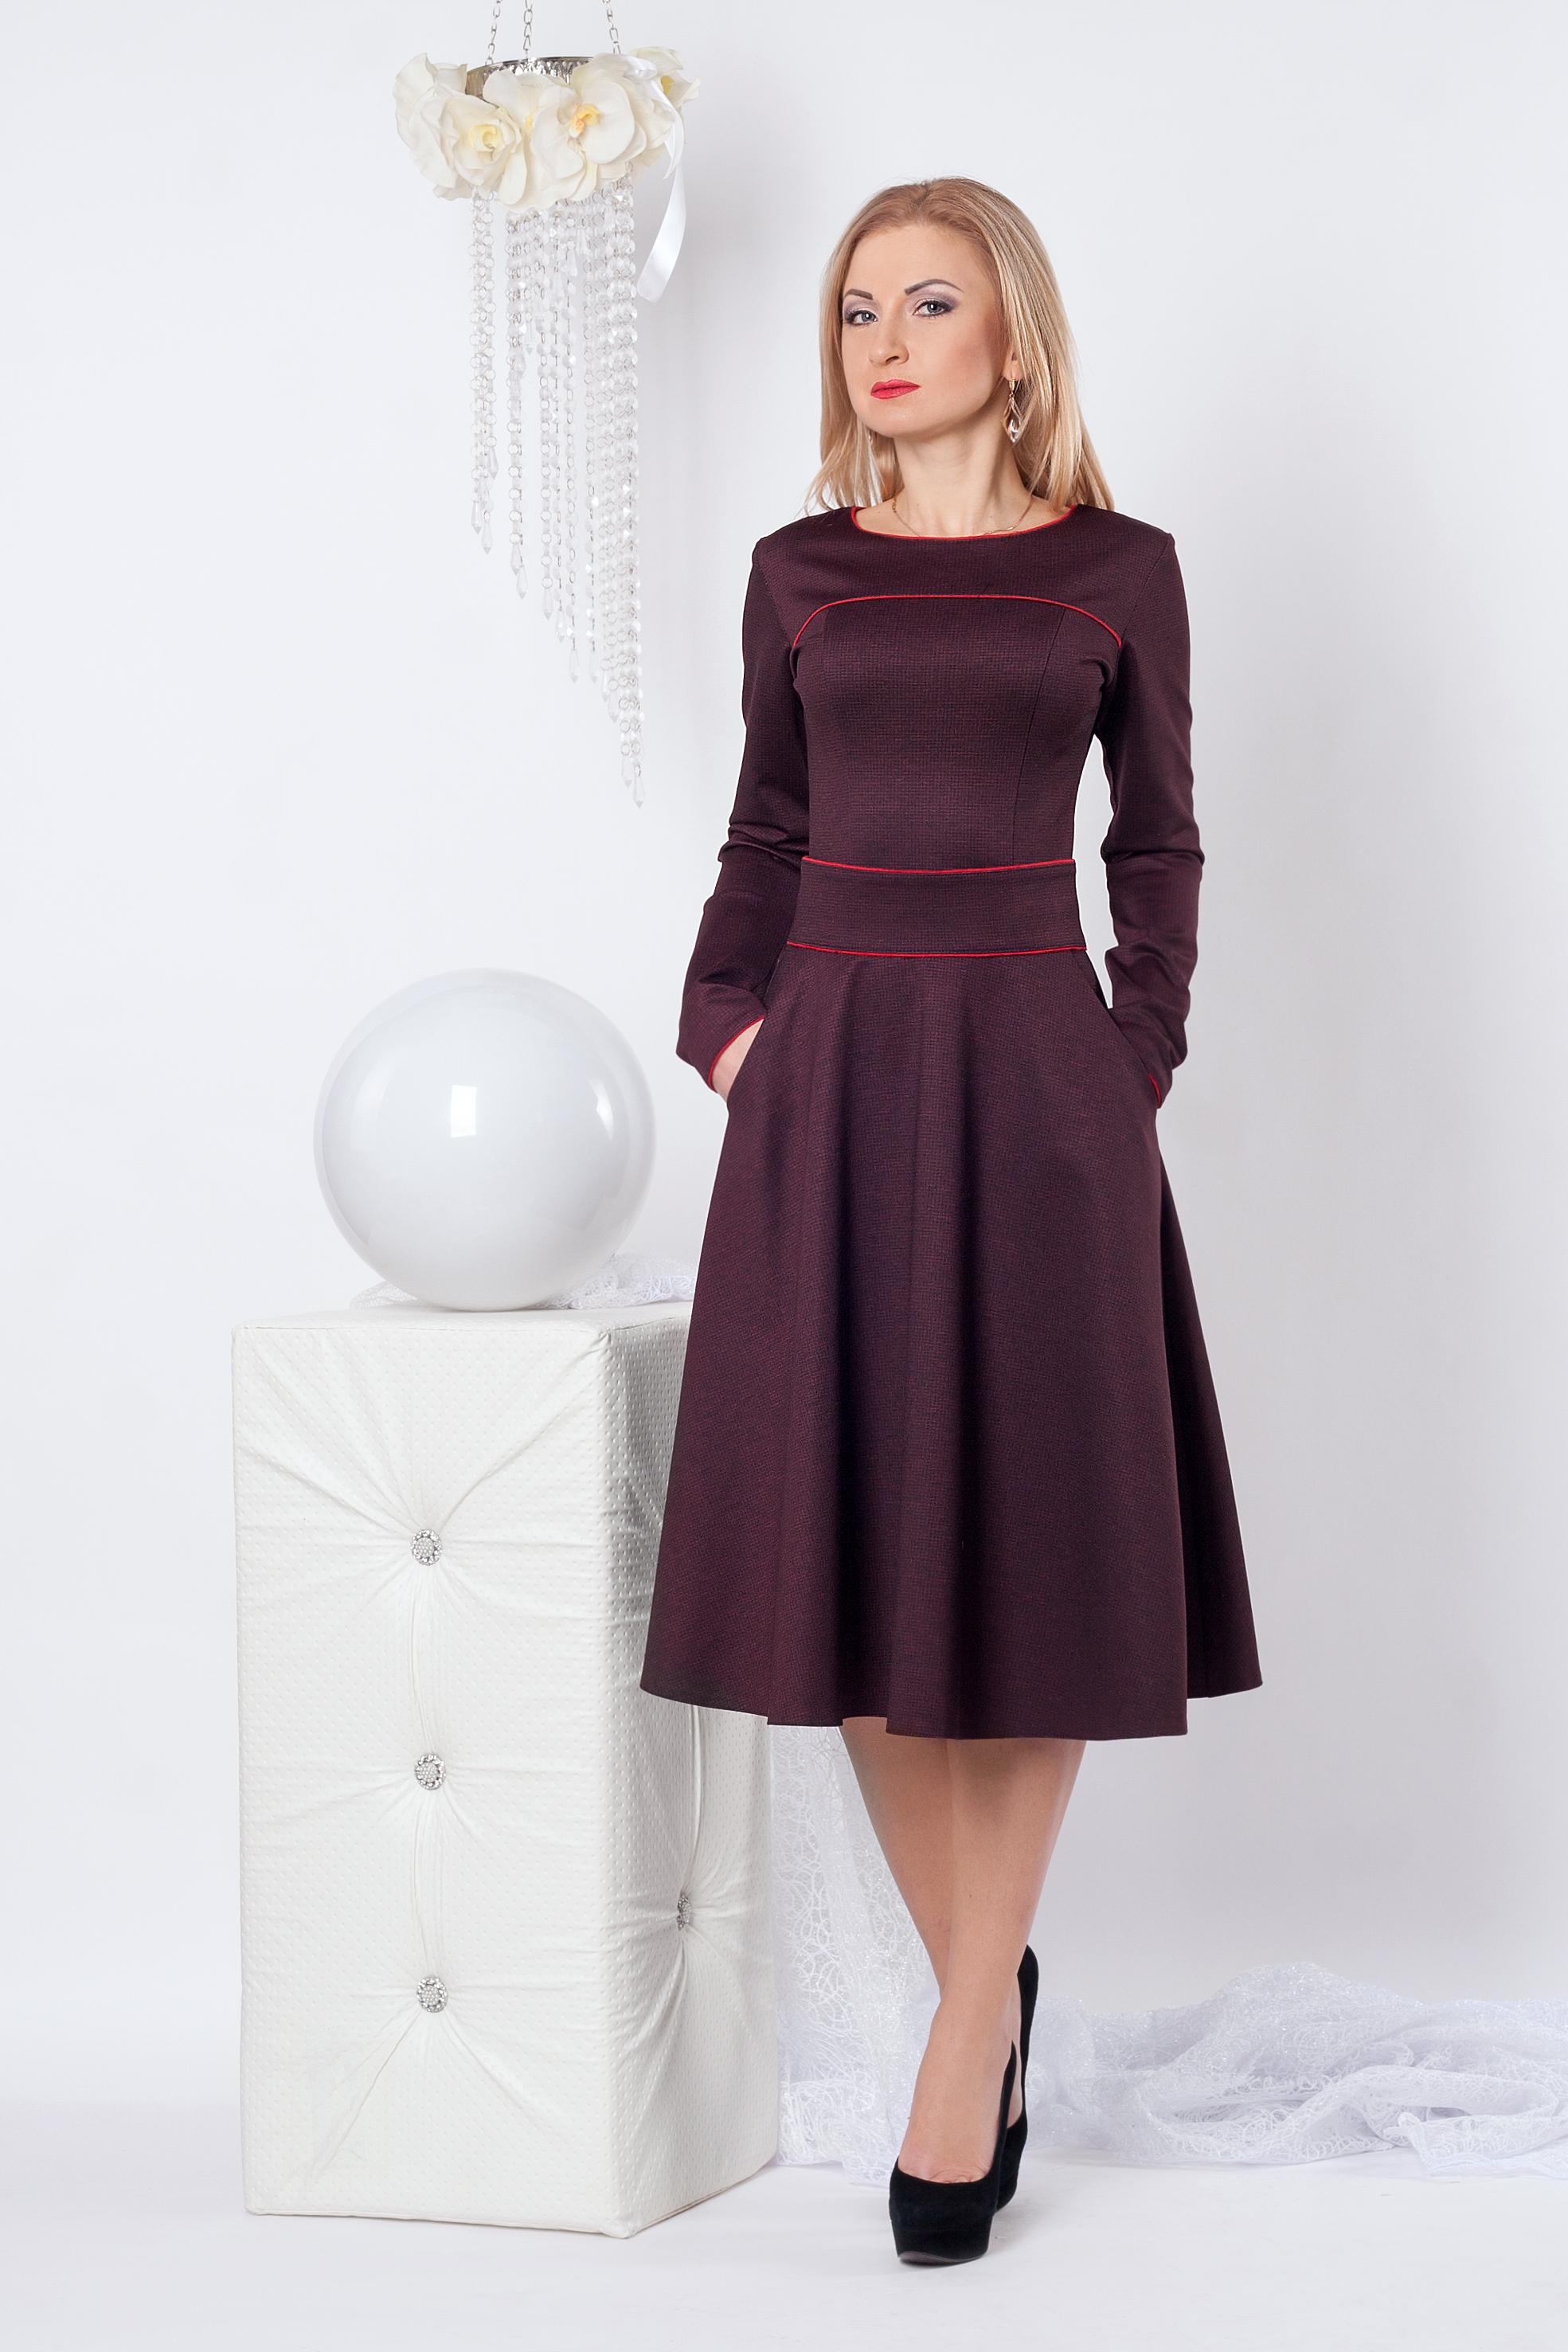 Повседневное женское платье 951 - Фотогалерея стильной одежды ... f08d8bdee7332